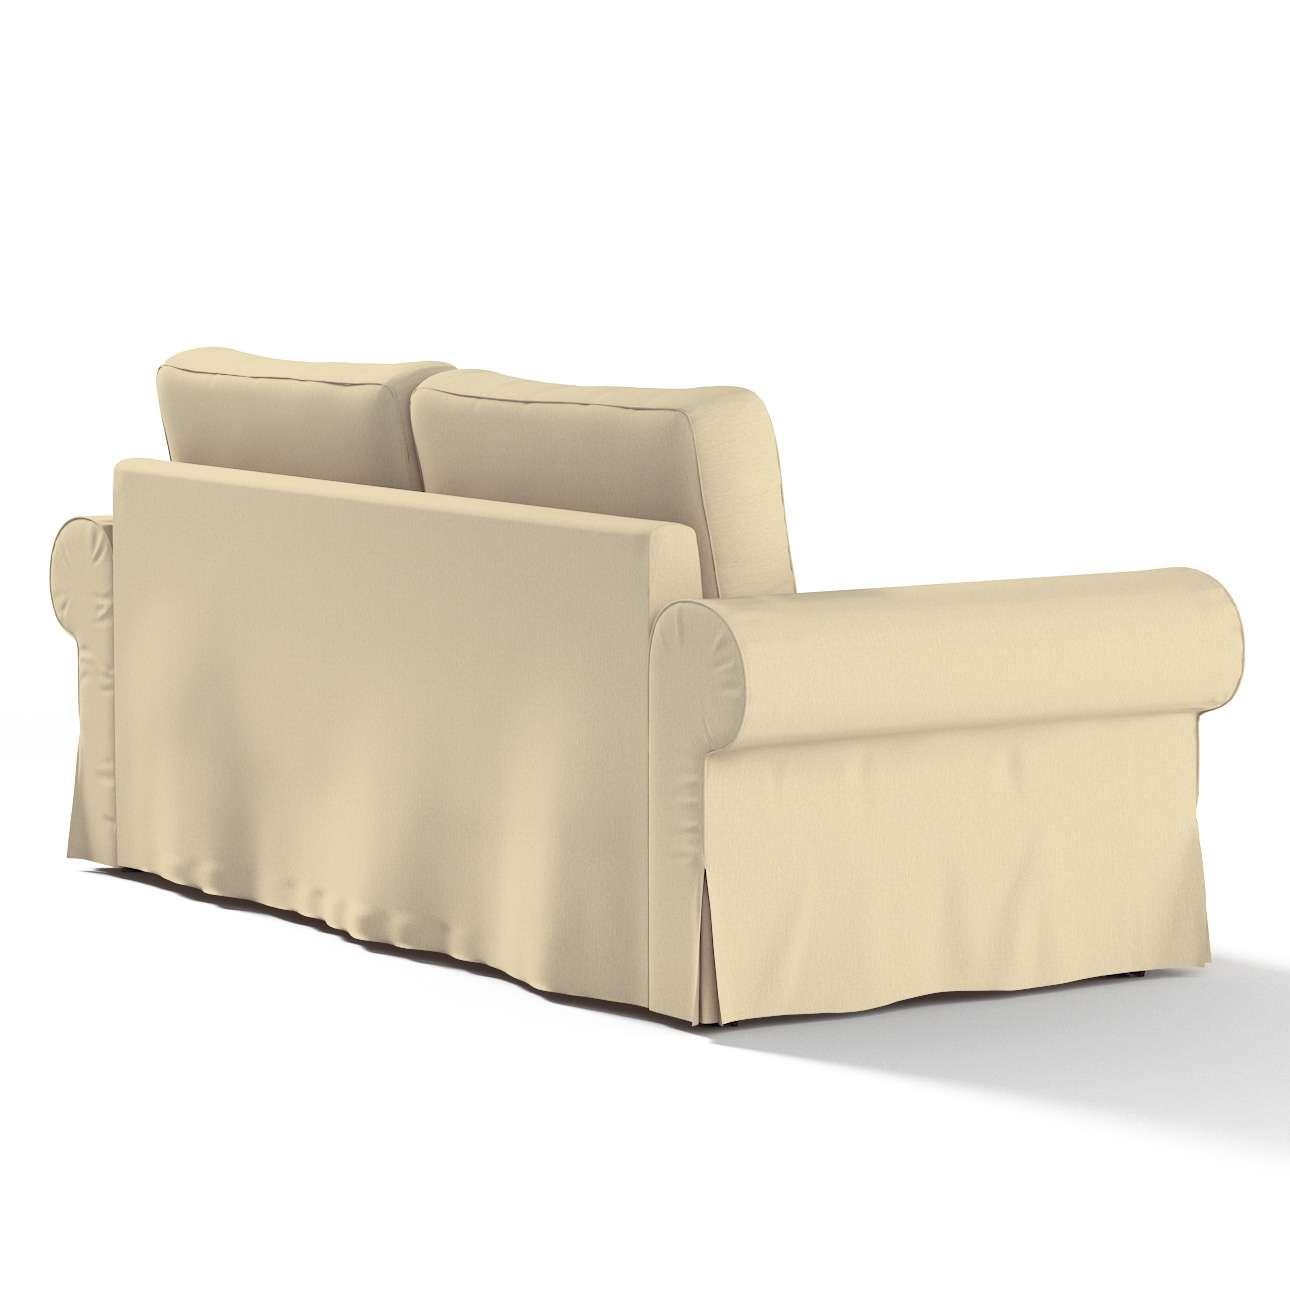 Pokrowiec na sofę Backabro 3-osobową rozkładaną sofa Backabro 3-osobowa rozkładana w kolekcji Chenille, tkanina: 702-22